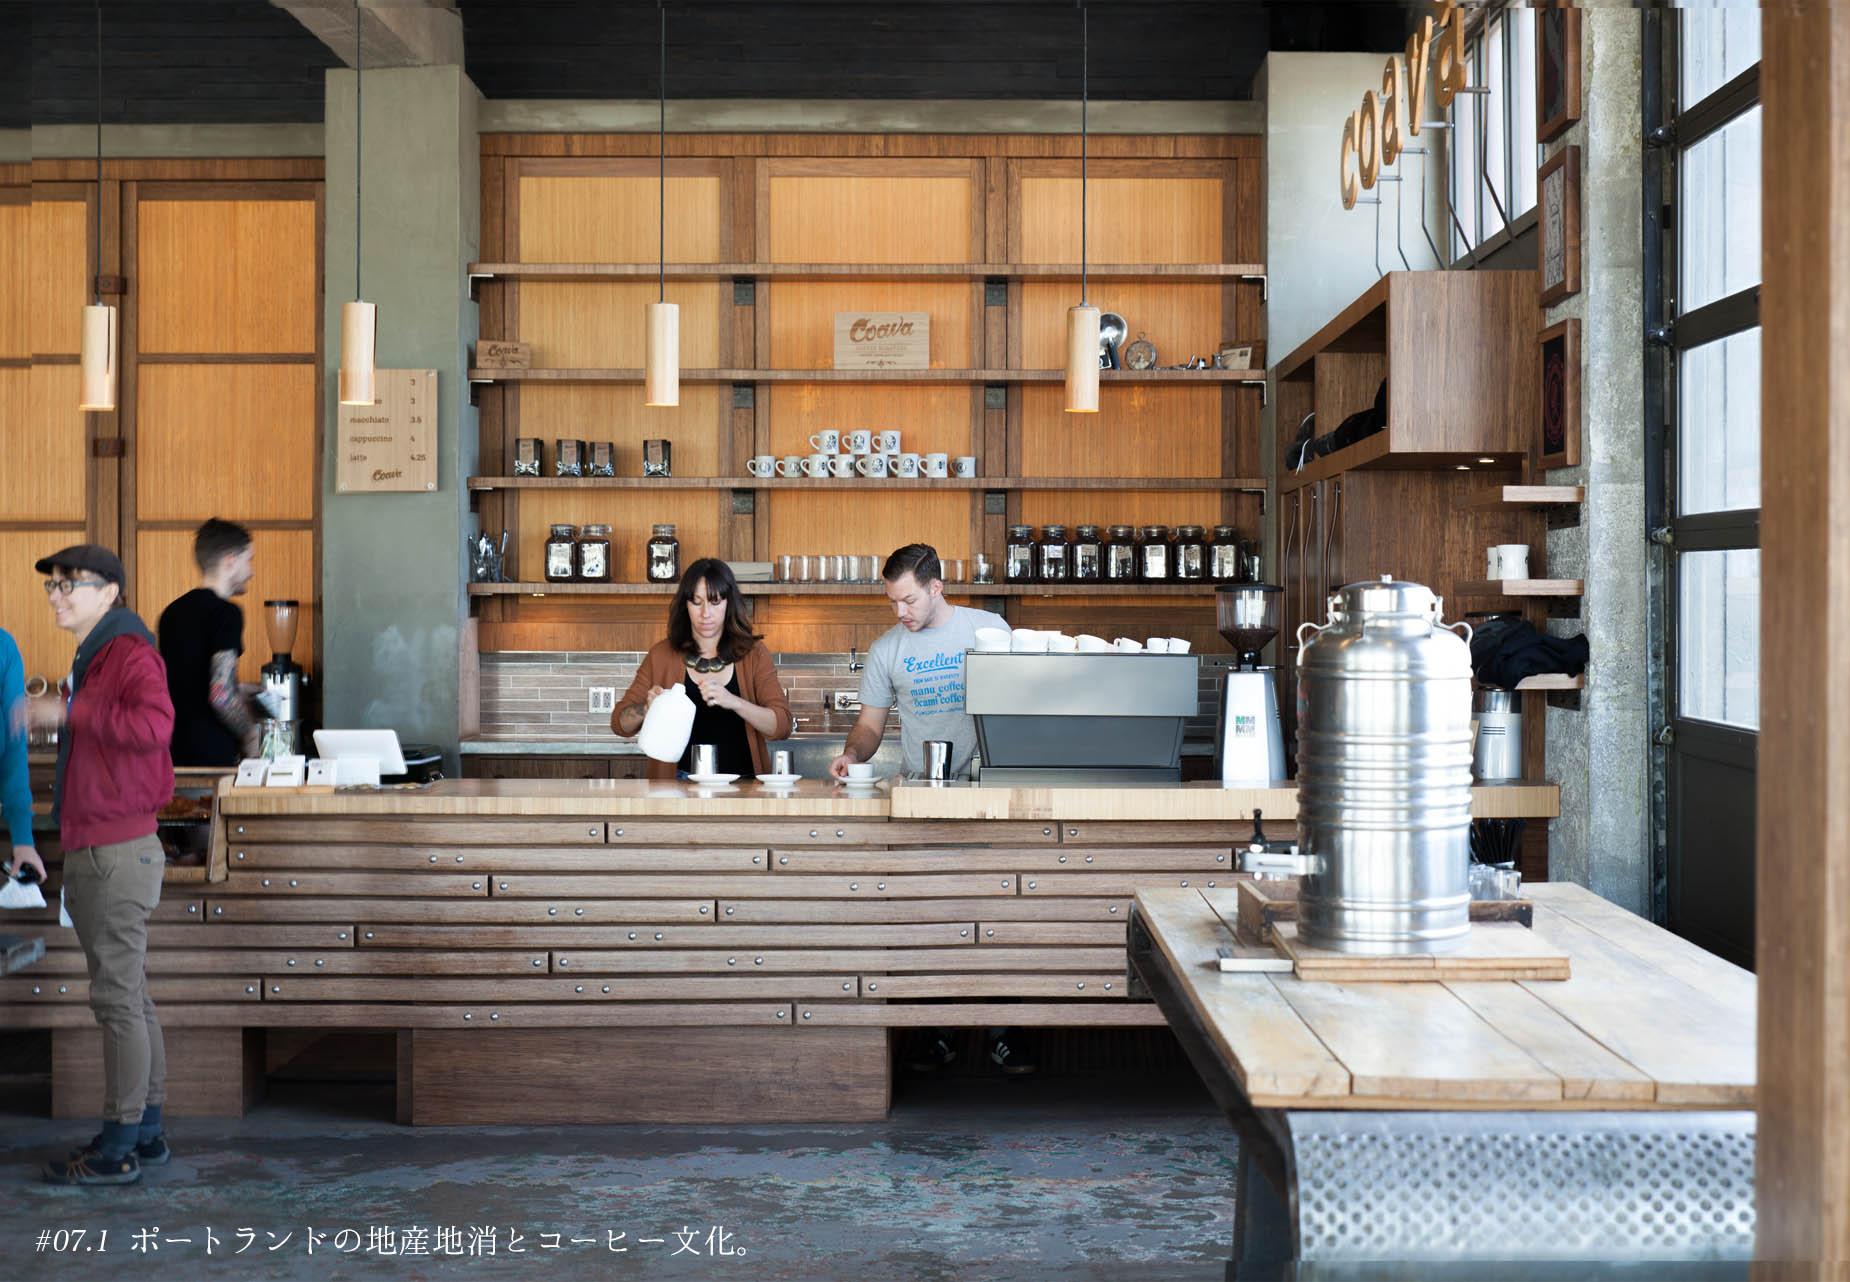 20150827_ポートランドの地産地消とコーヒー文化1b